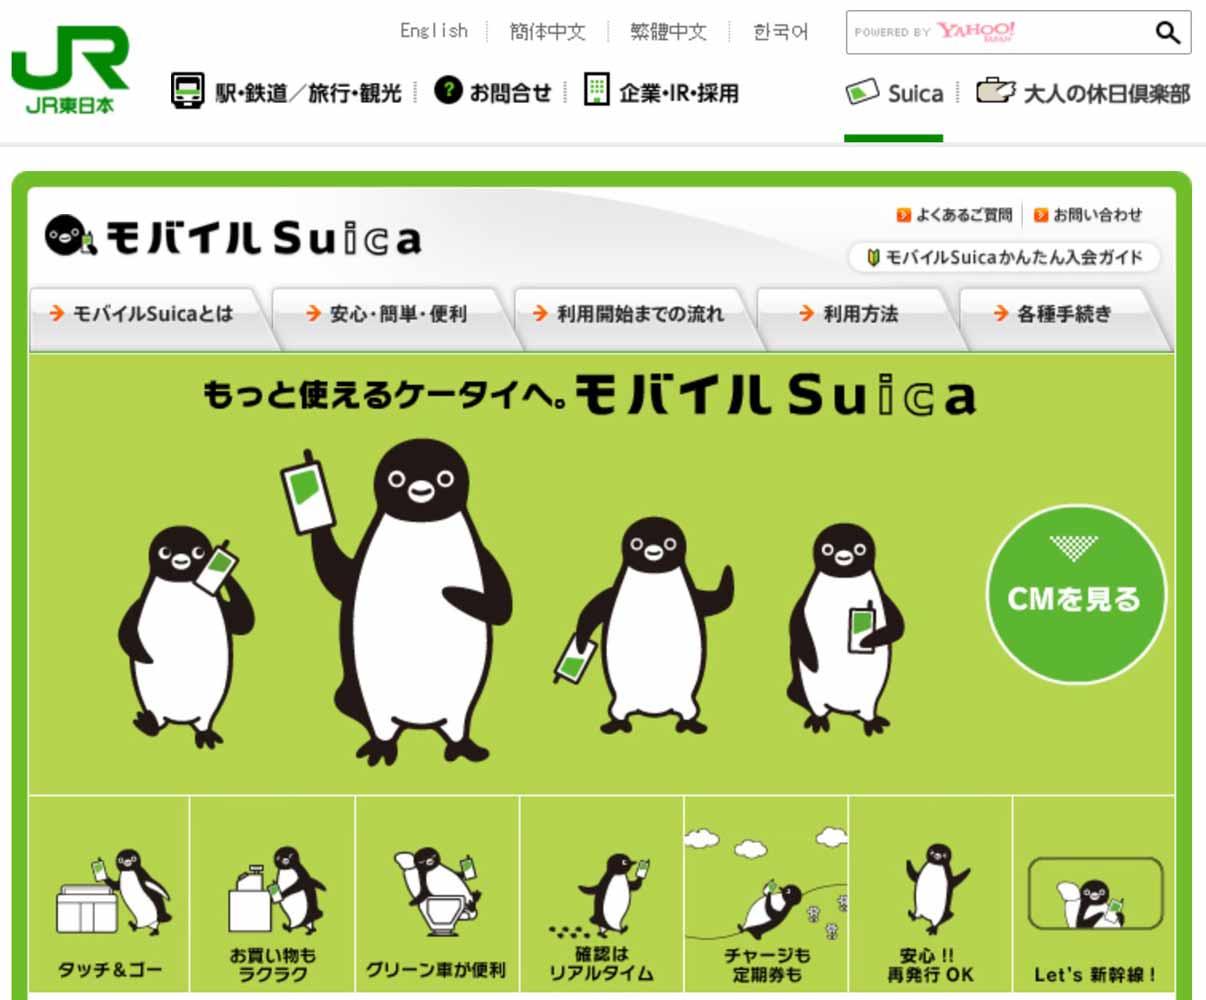 JR東日本、2015年12月中旬以降国内3メーカー6機種のSIMフリースマホでも「モバイル Suica」が利用可能に